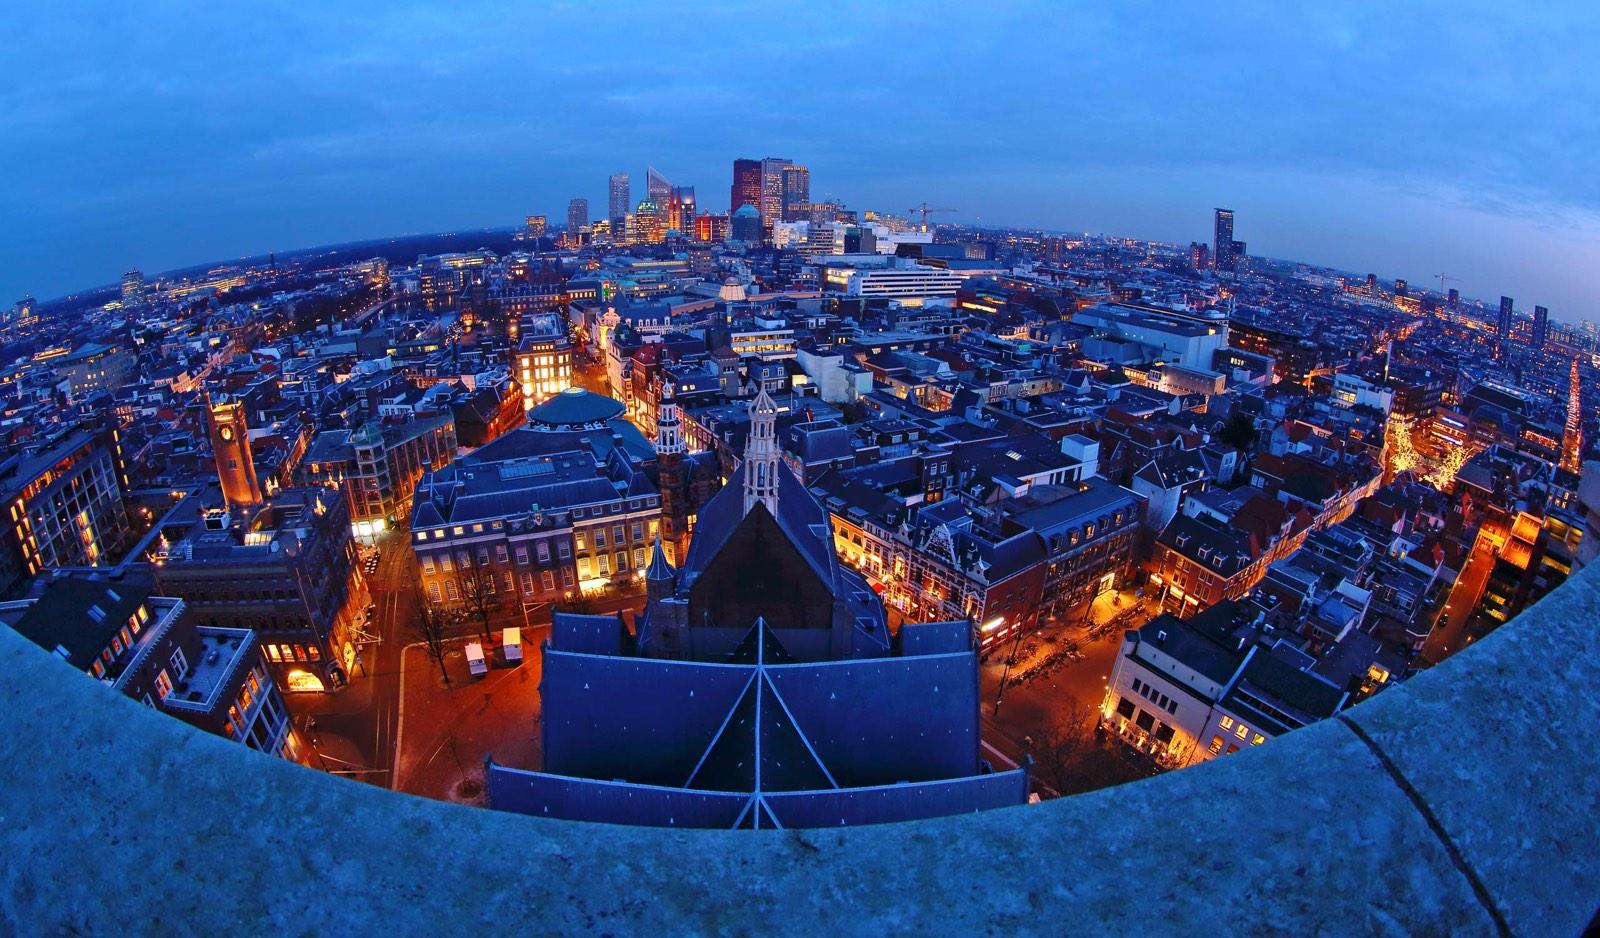 Skyline van Den Haag gezien vanuit de Haagse Toren